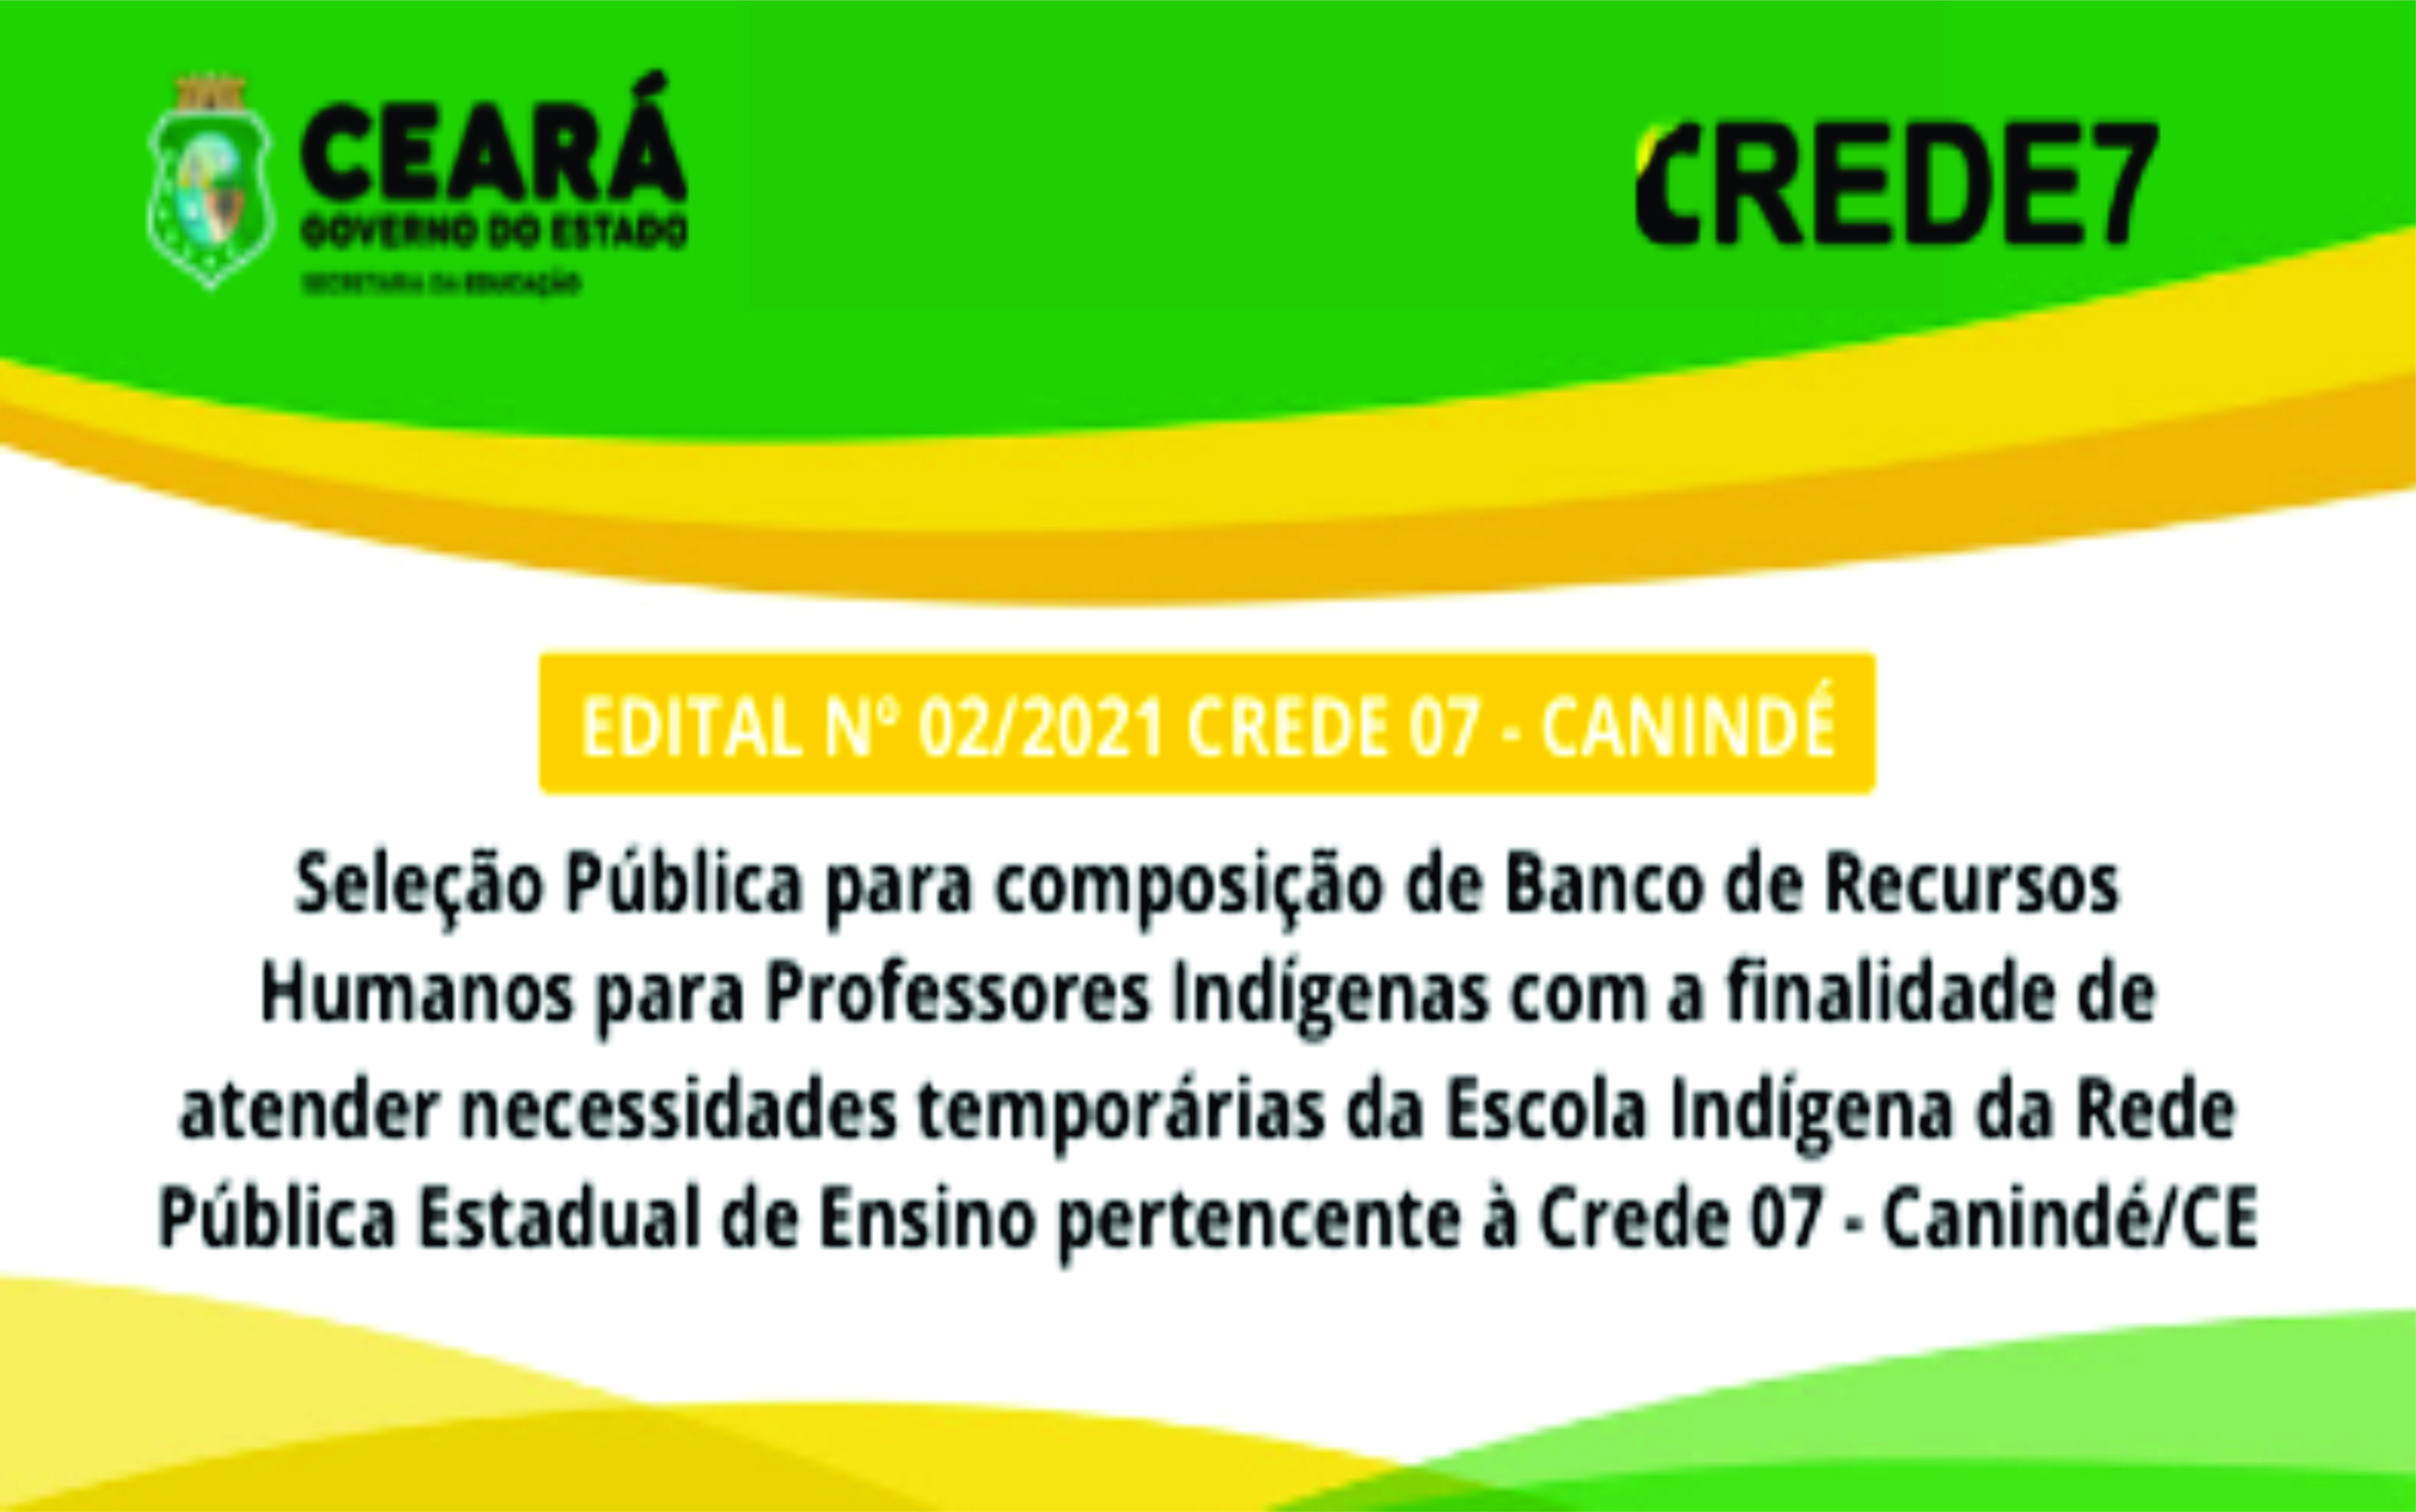 CREDE 07 – Publica edital para seleção de professores Indígenas